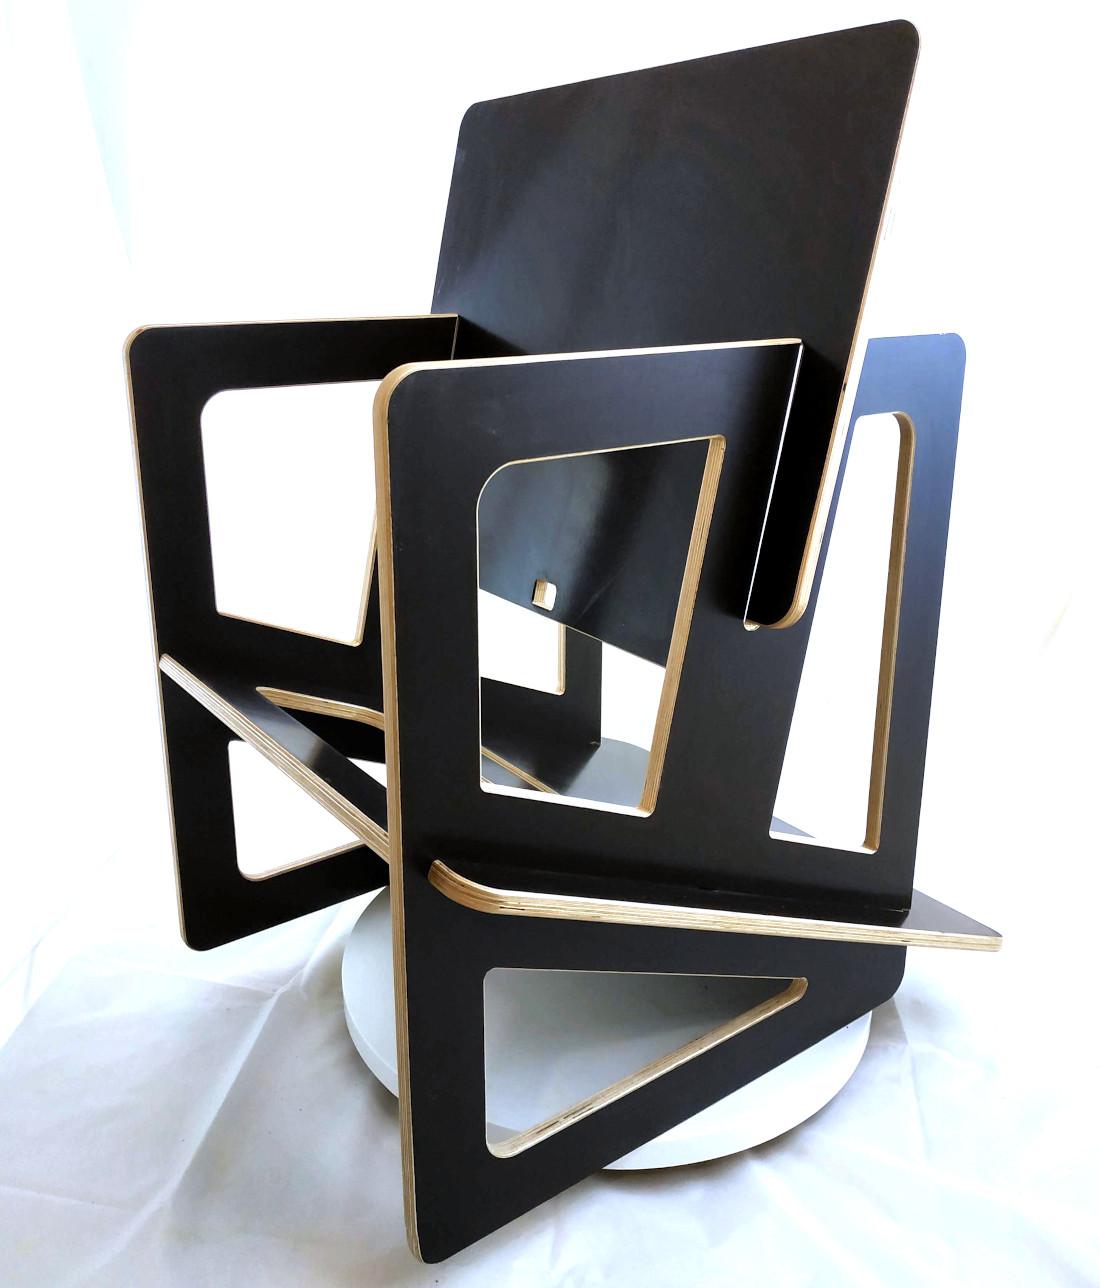 Assemblage de l'assise du fauteuil sur mesure